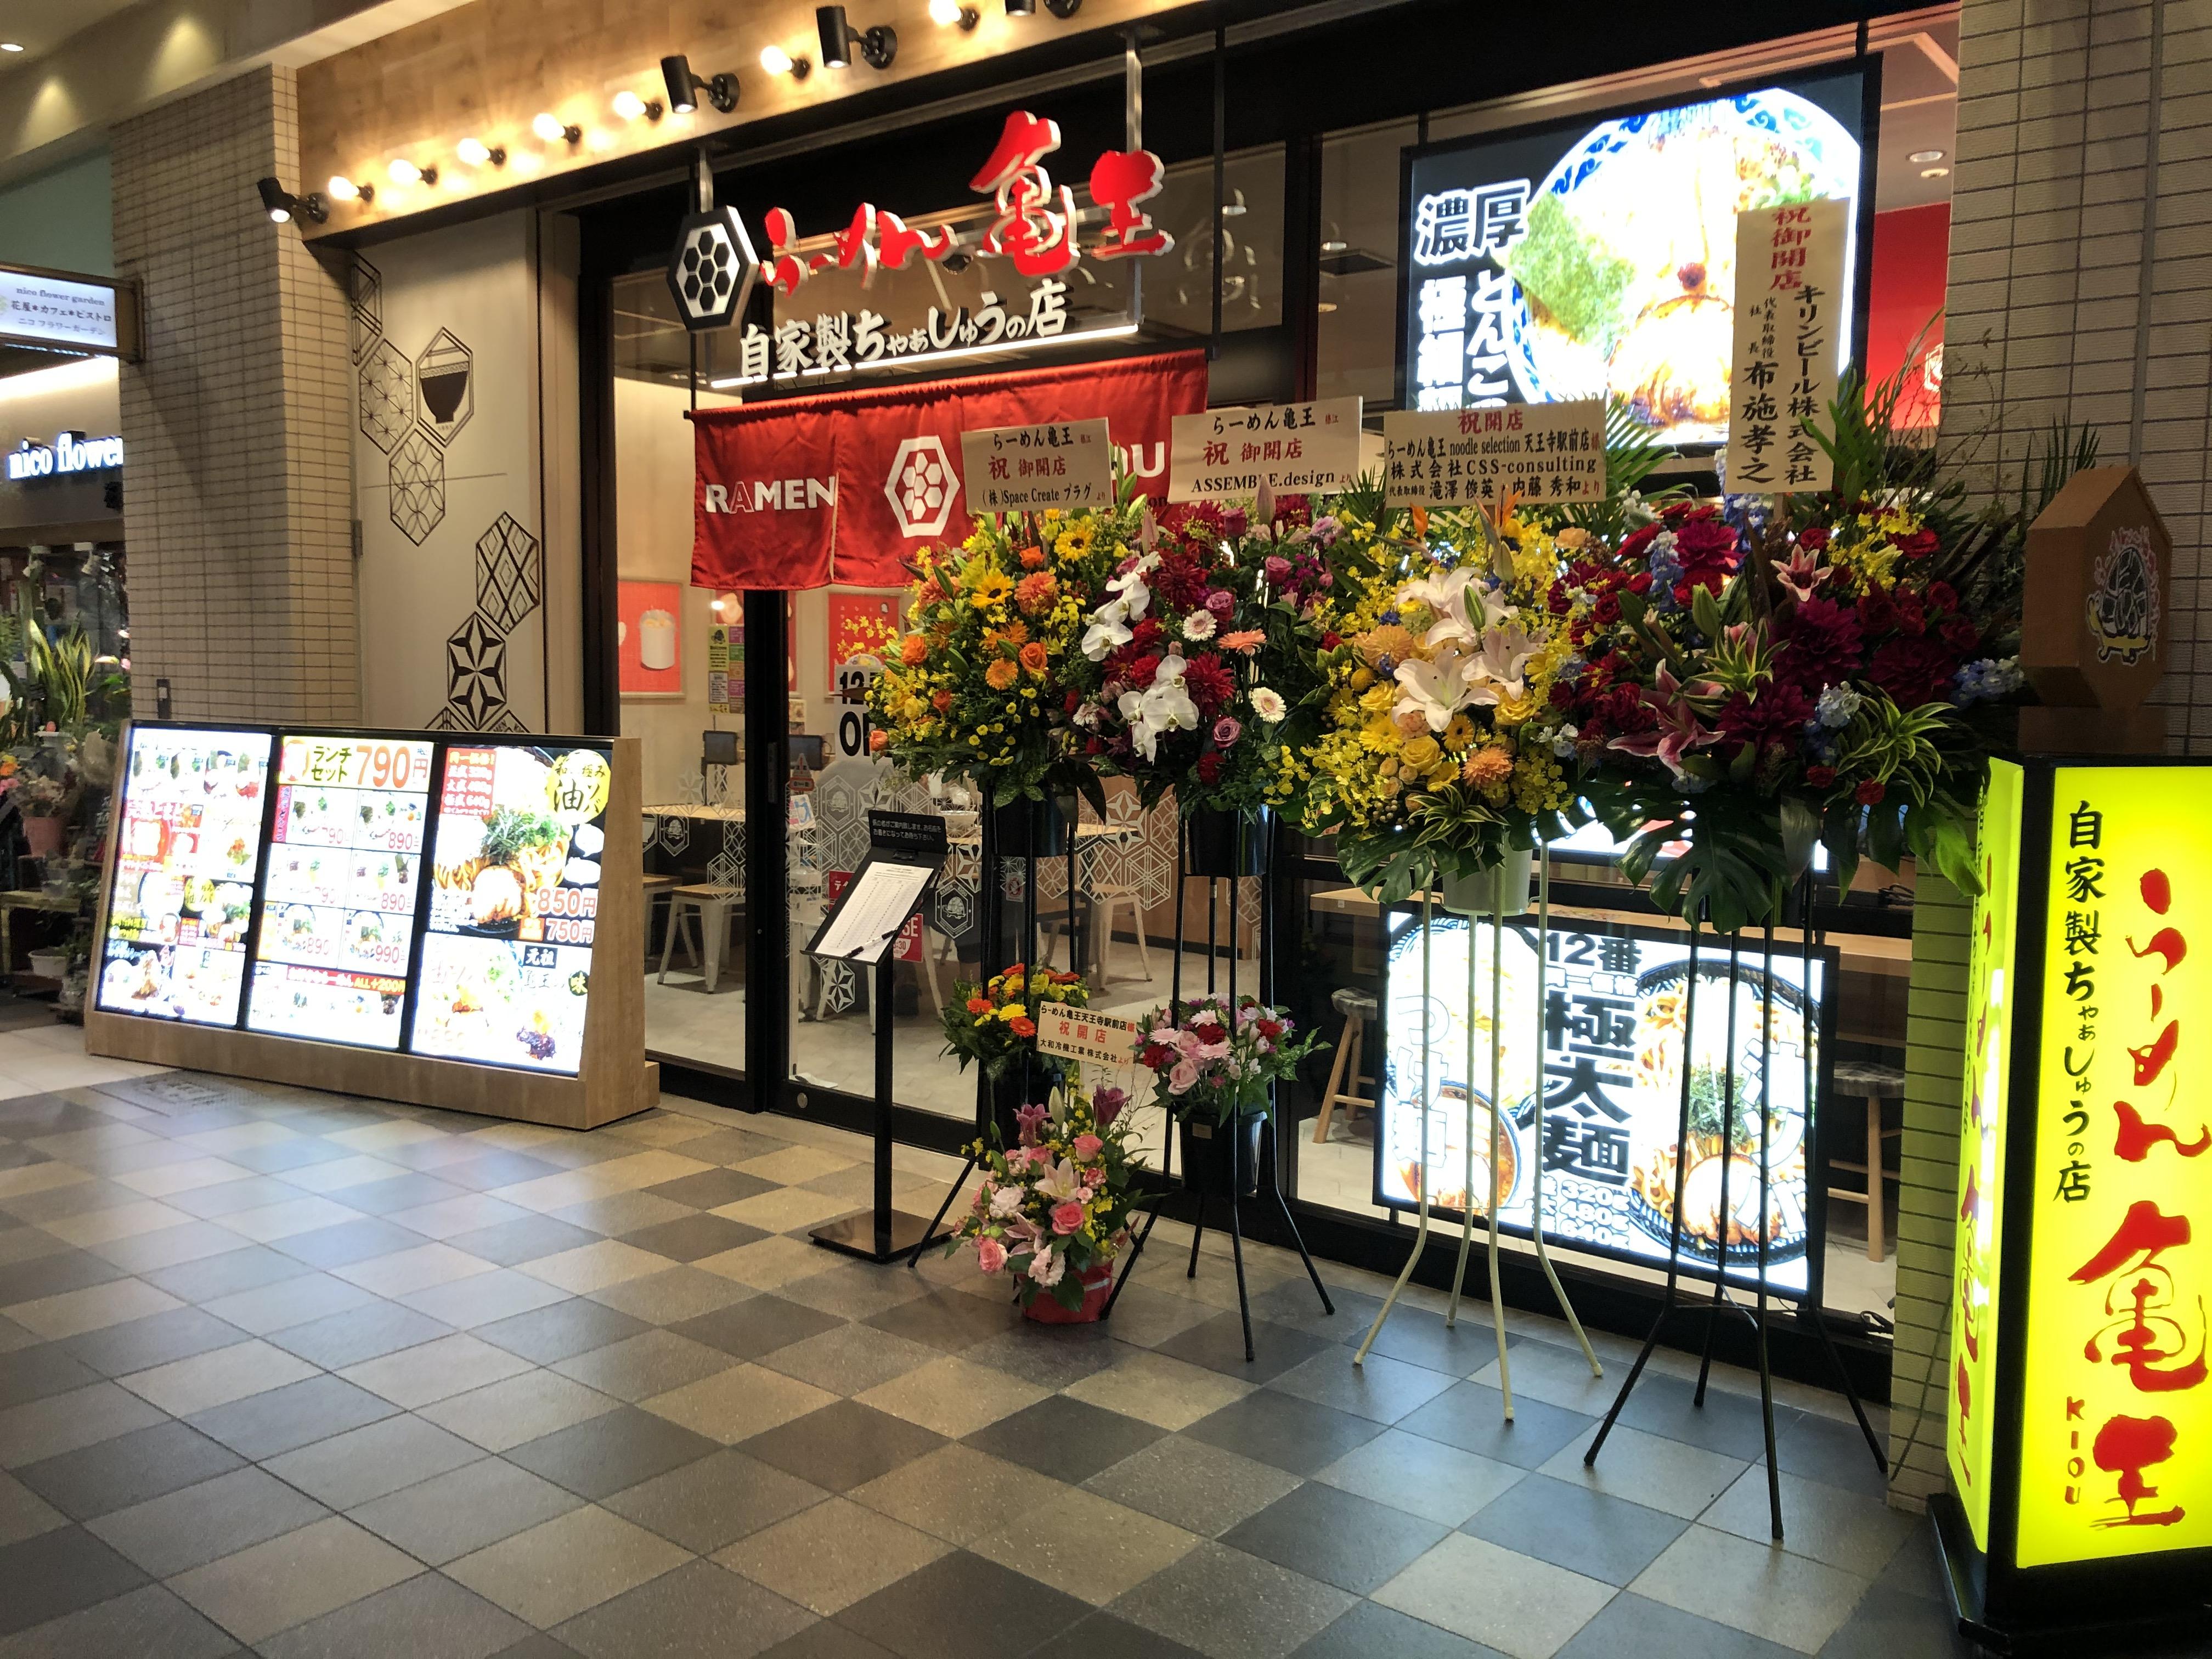 令和2年 12月4日新店らーめん亀王 天王寺駅前店 OPEN!!